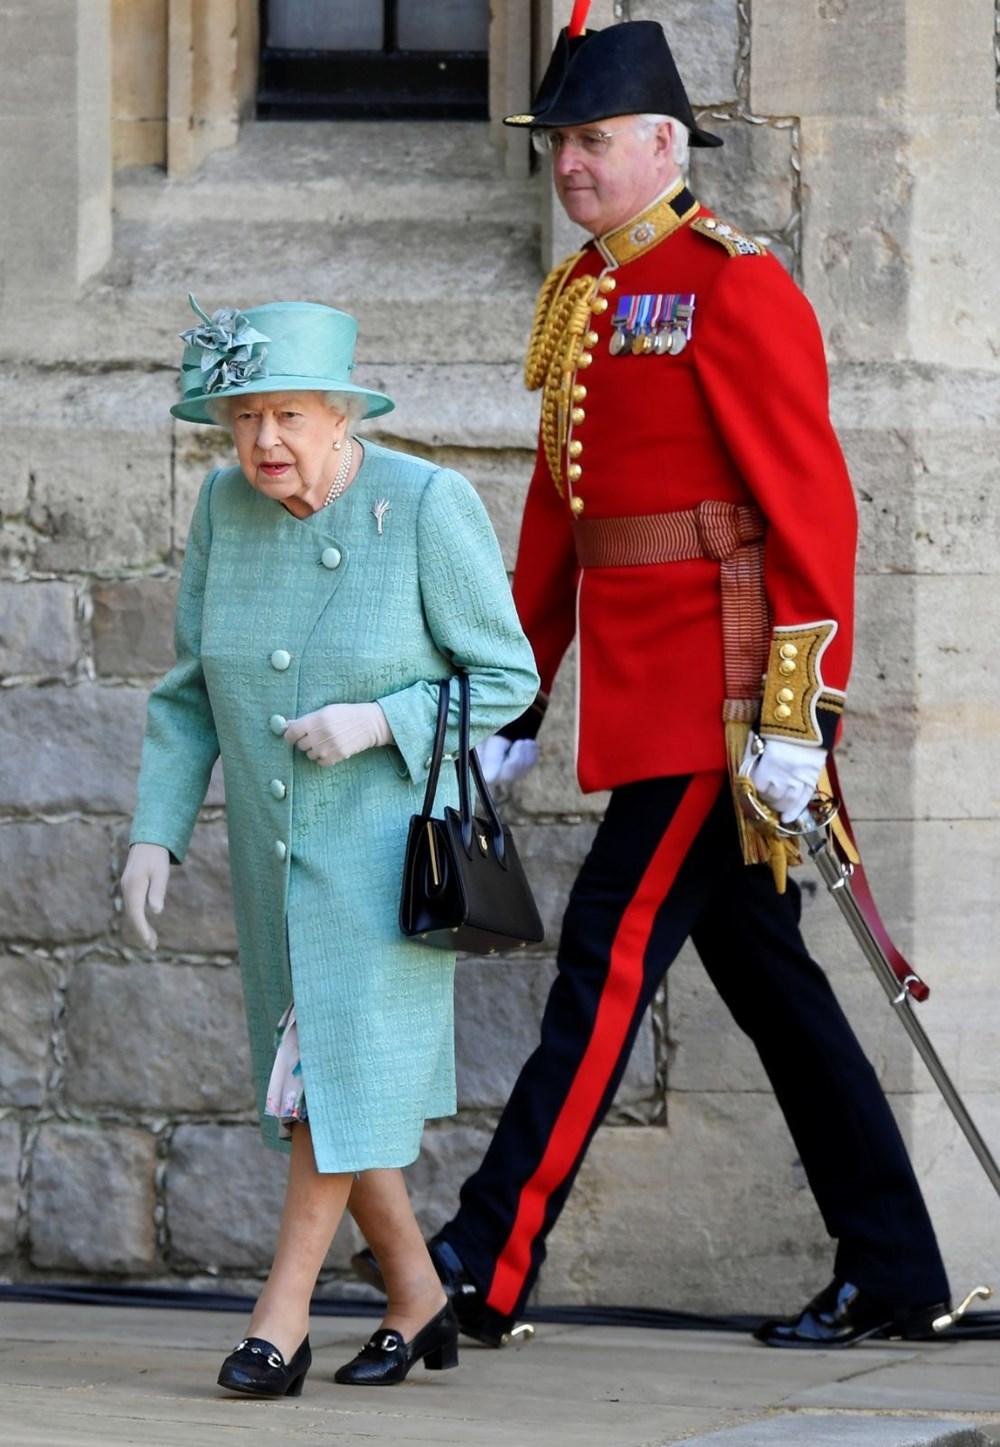 Kraliçe Elizabeth'e corona etkili kısıtlı doğum günü kutlaması (Kraliyet tarihinde bir ilk) - 2